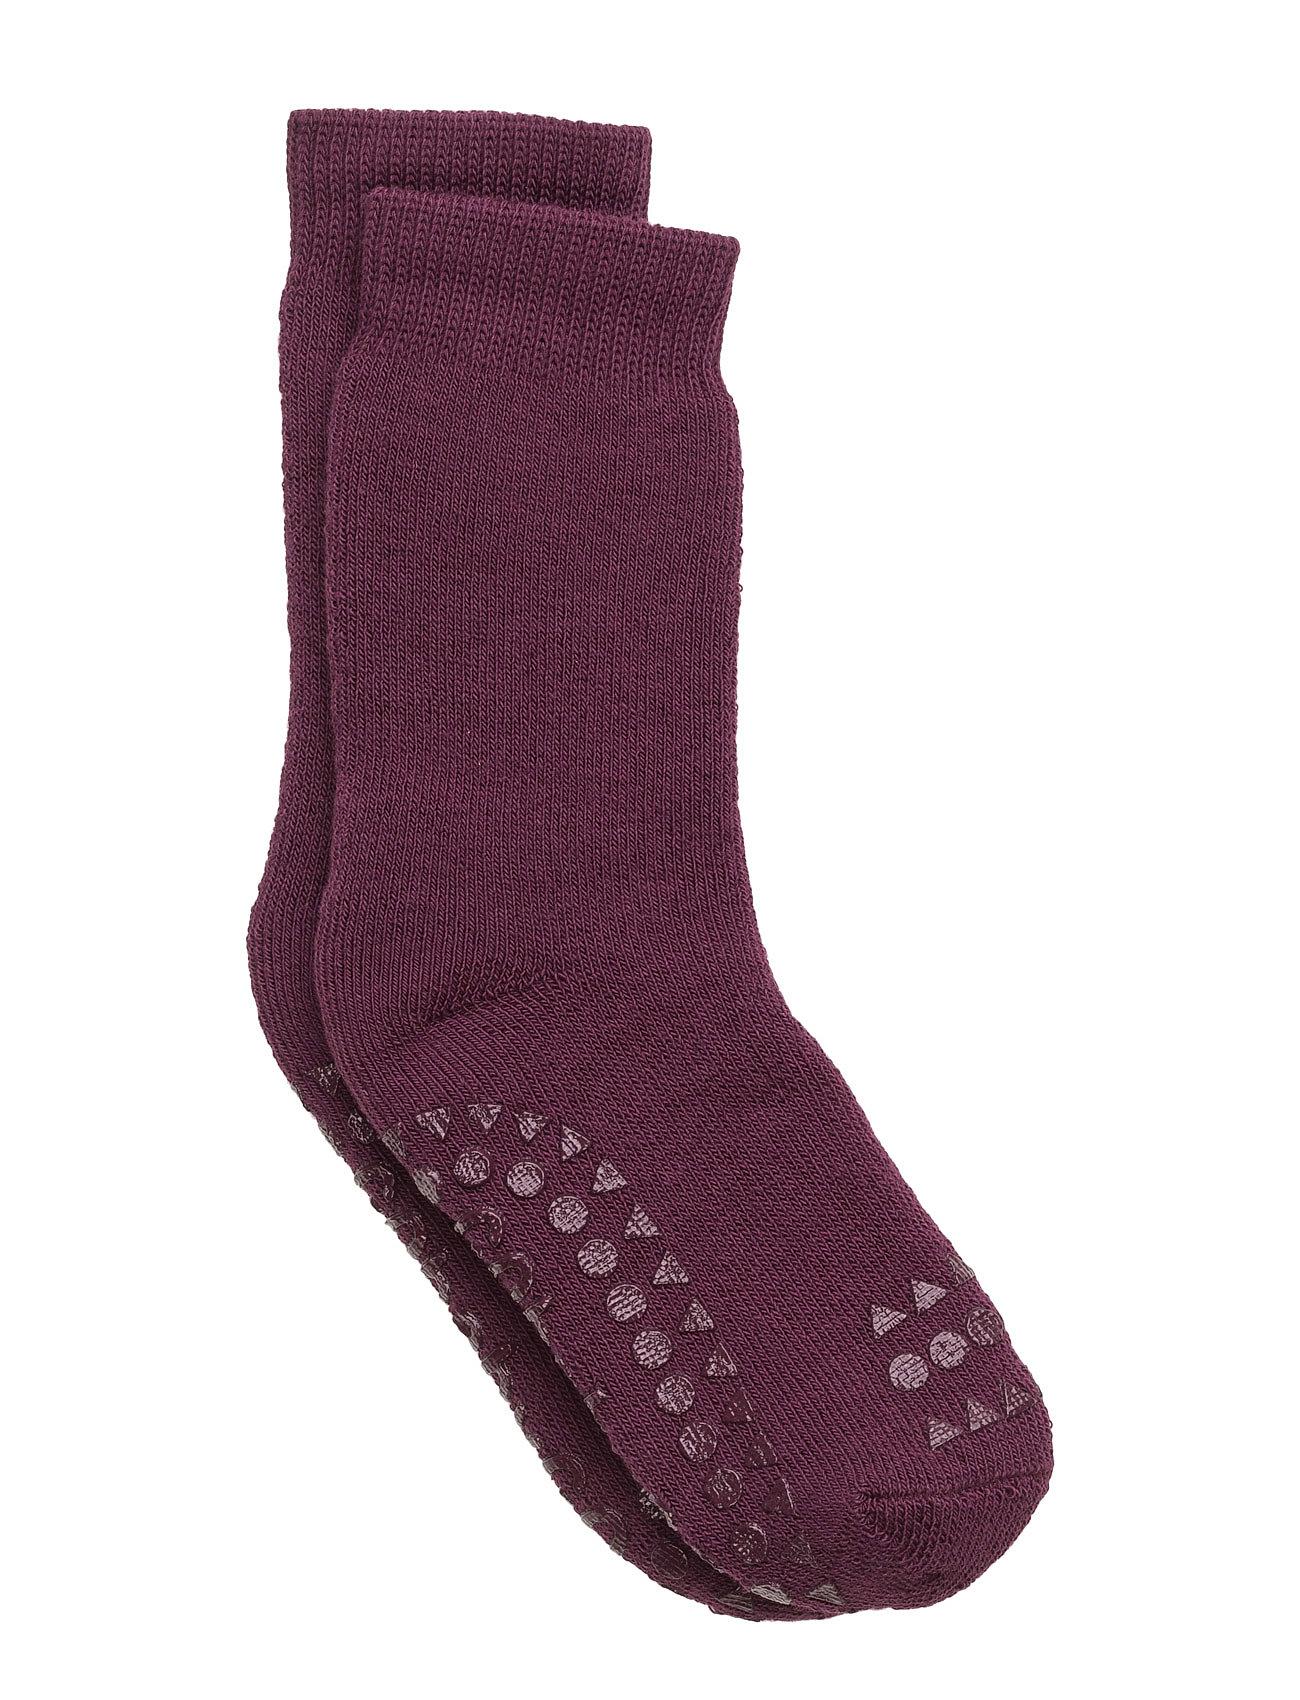 Non-Slip Socks GoBabyGo Strømper & Strømpebukser til Børn i Blomme